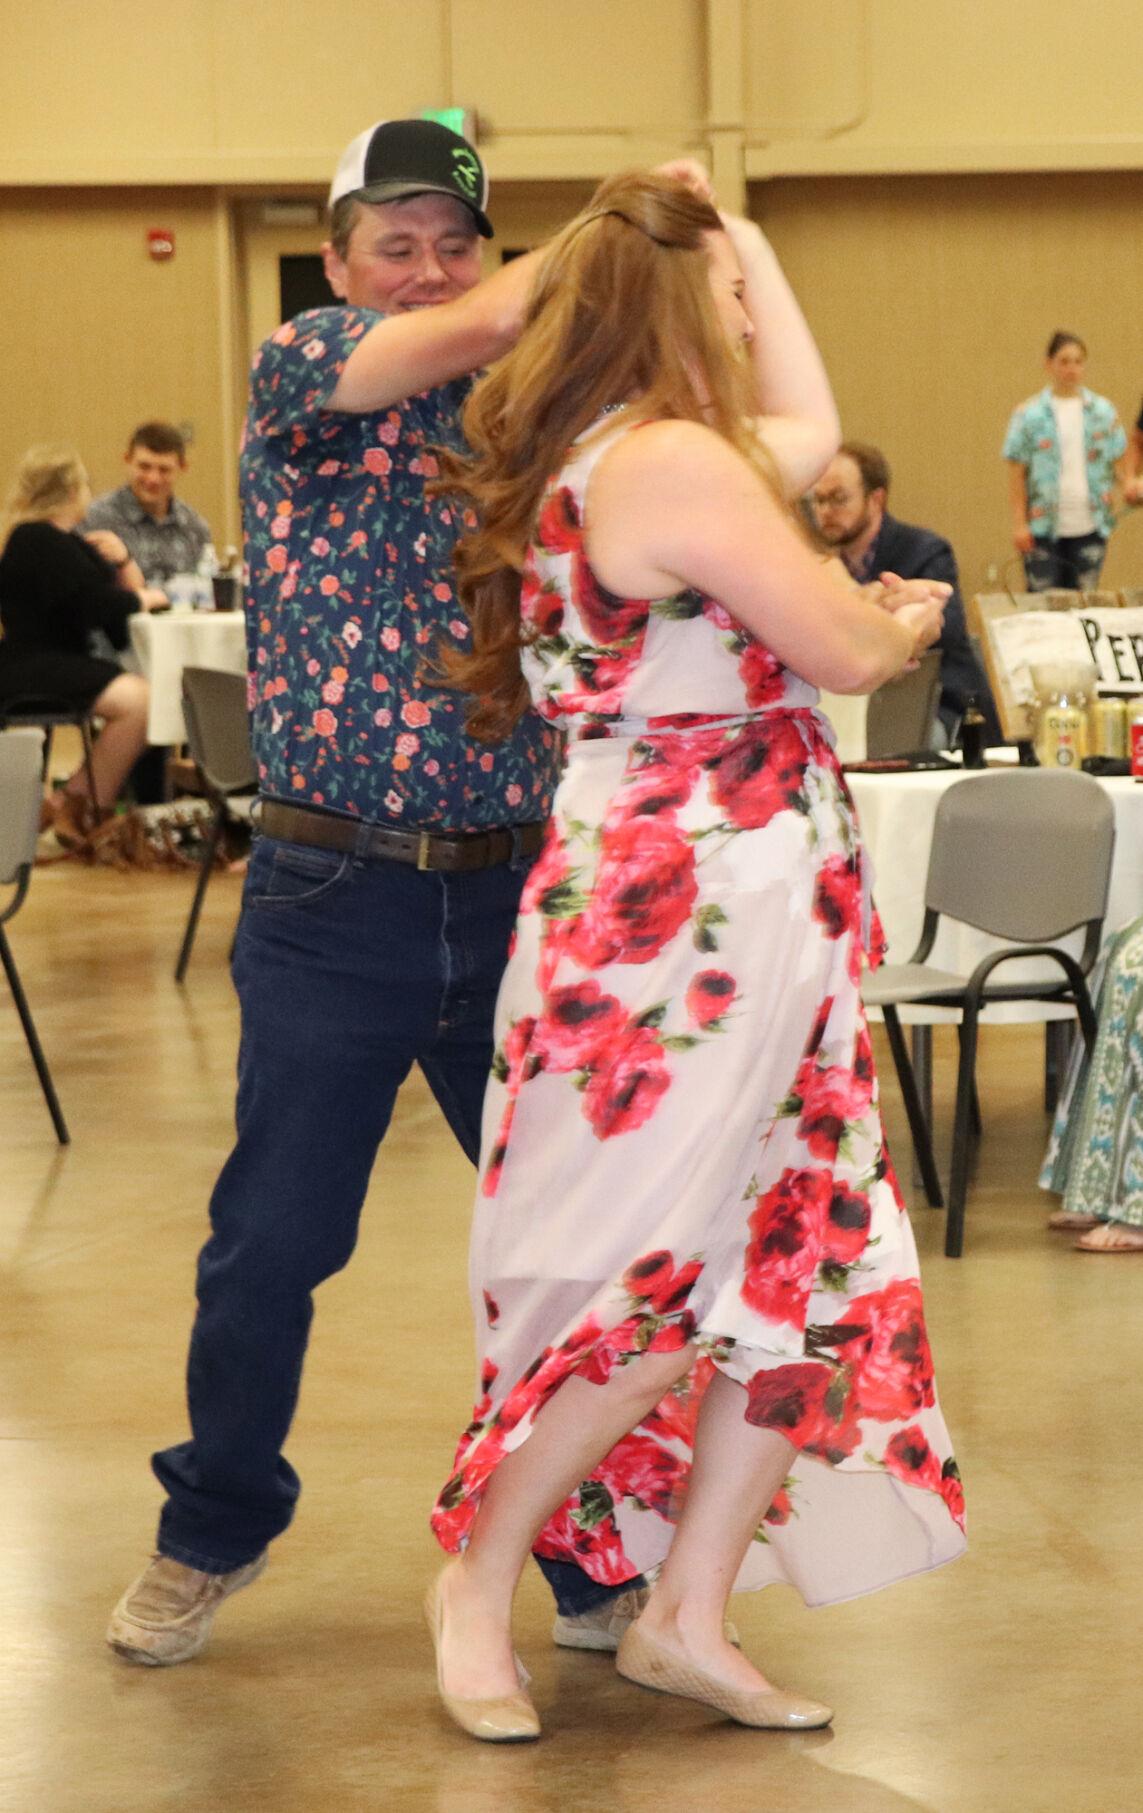 2021 CATTLEMENS BALL-DANCE COUPLE 6-5-21